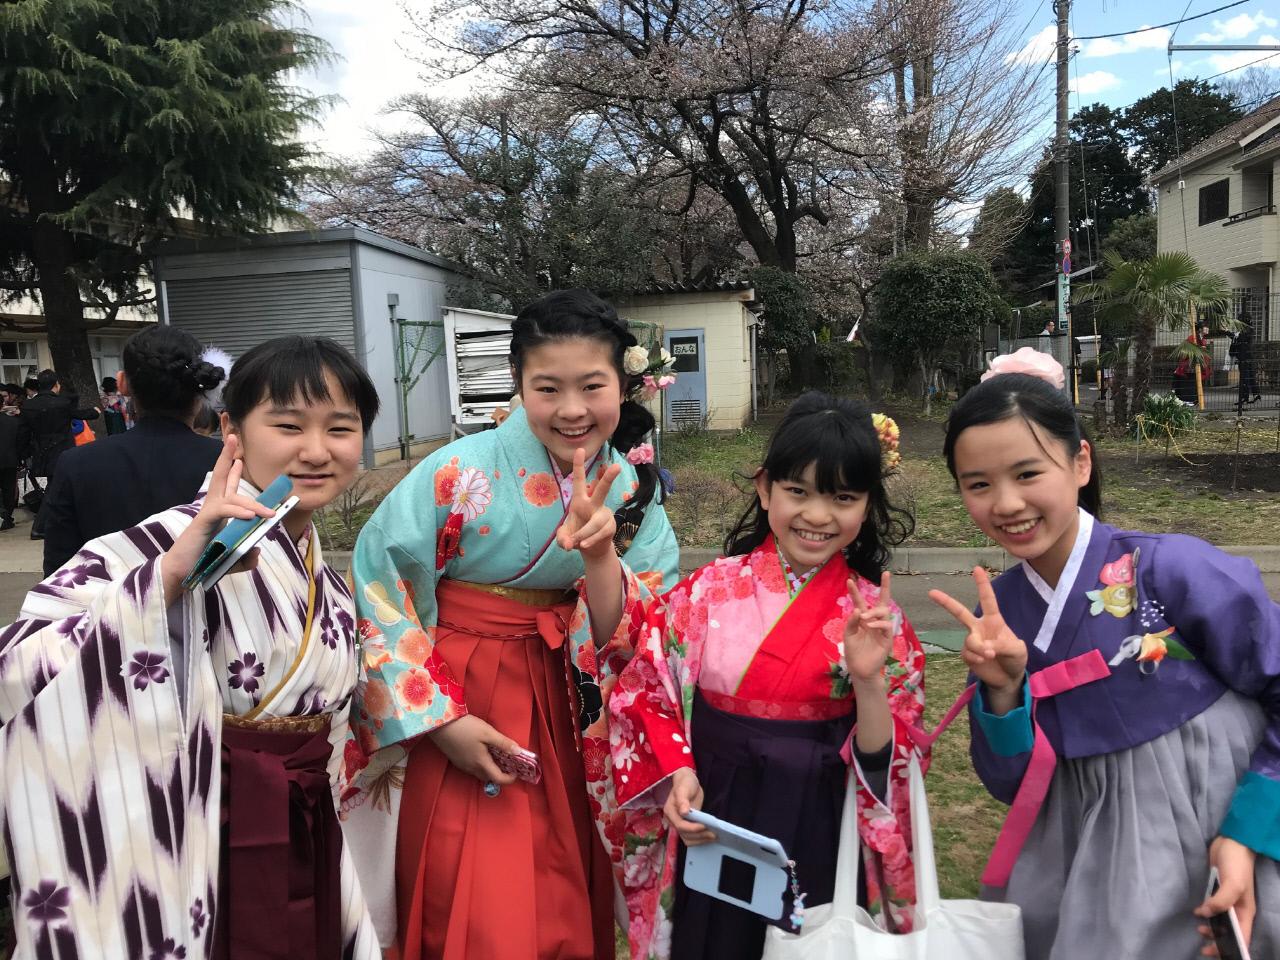 트와이스와 옥녀 한복처럼…엄숙했던 일본 초등 졸업식 뒤흔들다